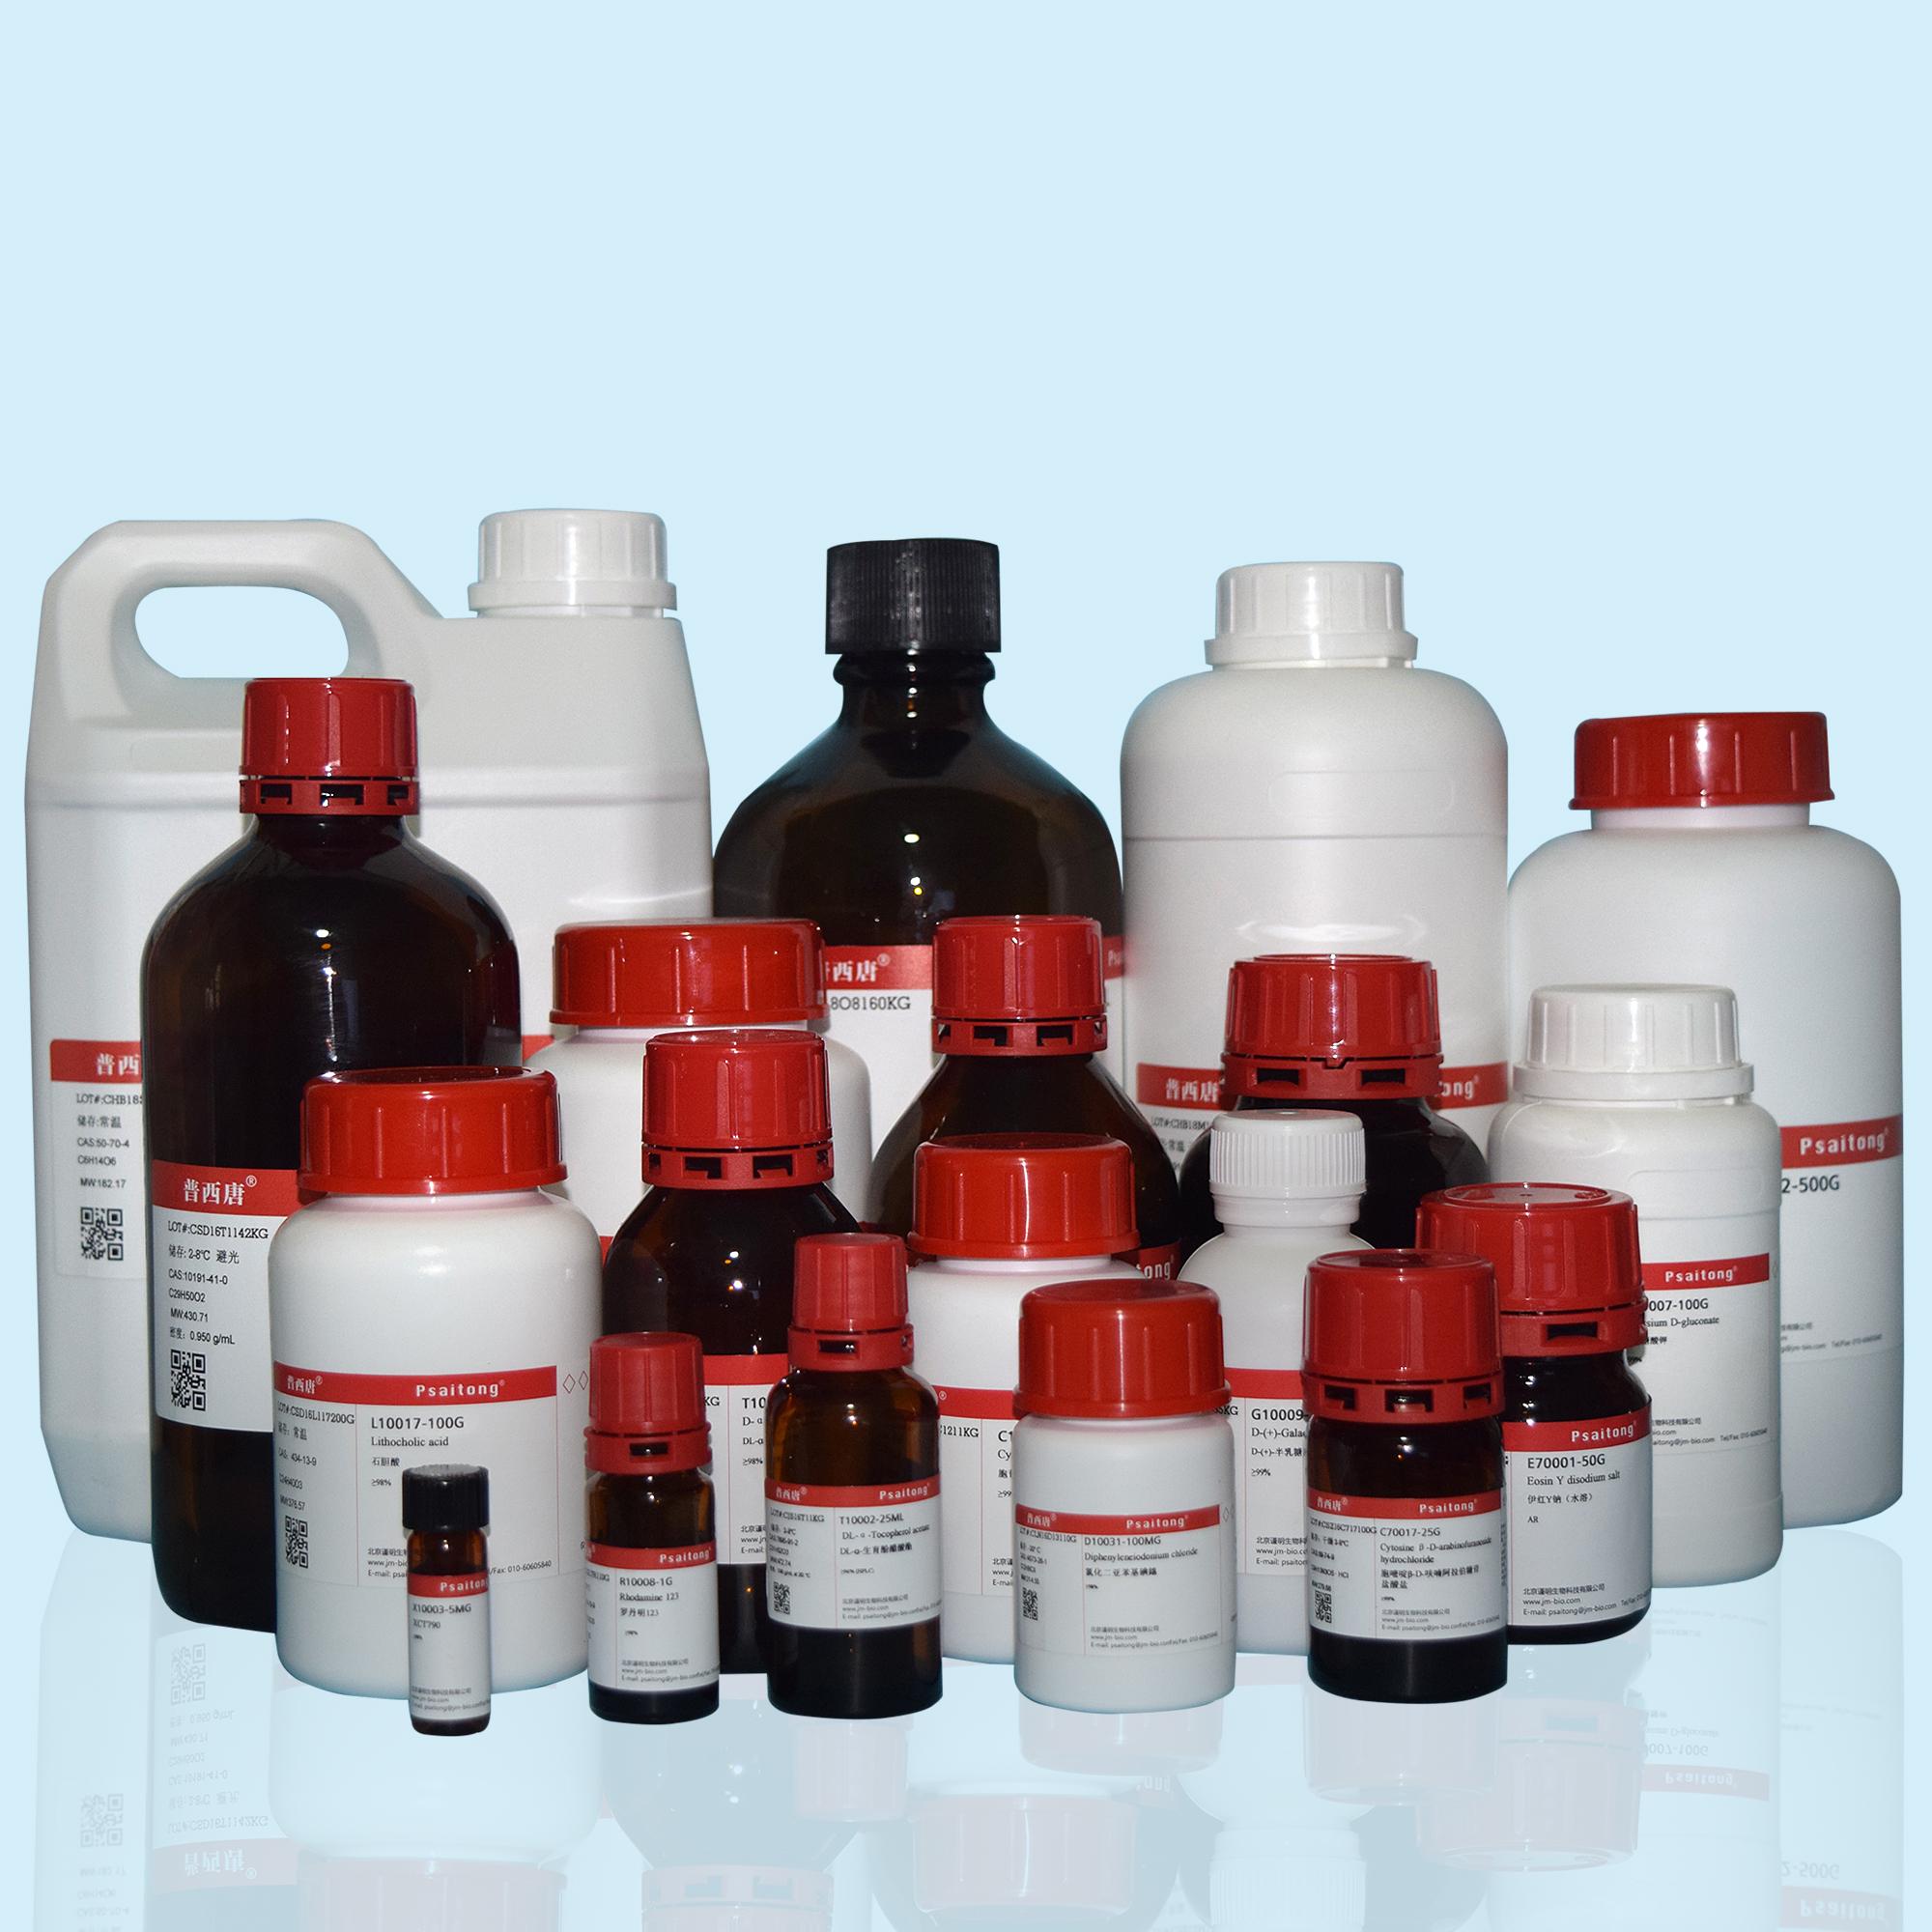 L-酪氨酸 L-Tyrosine